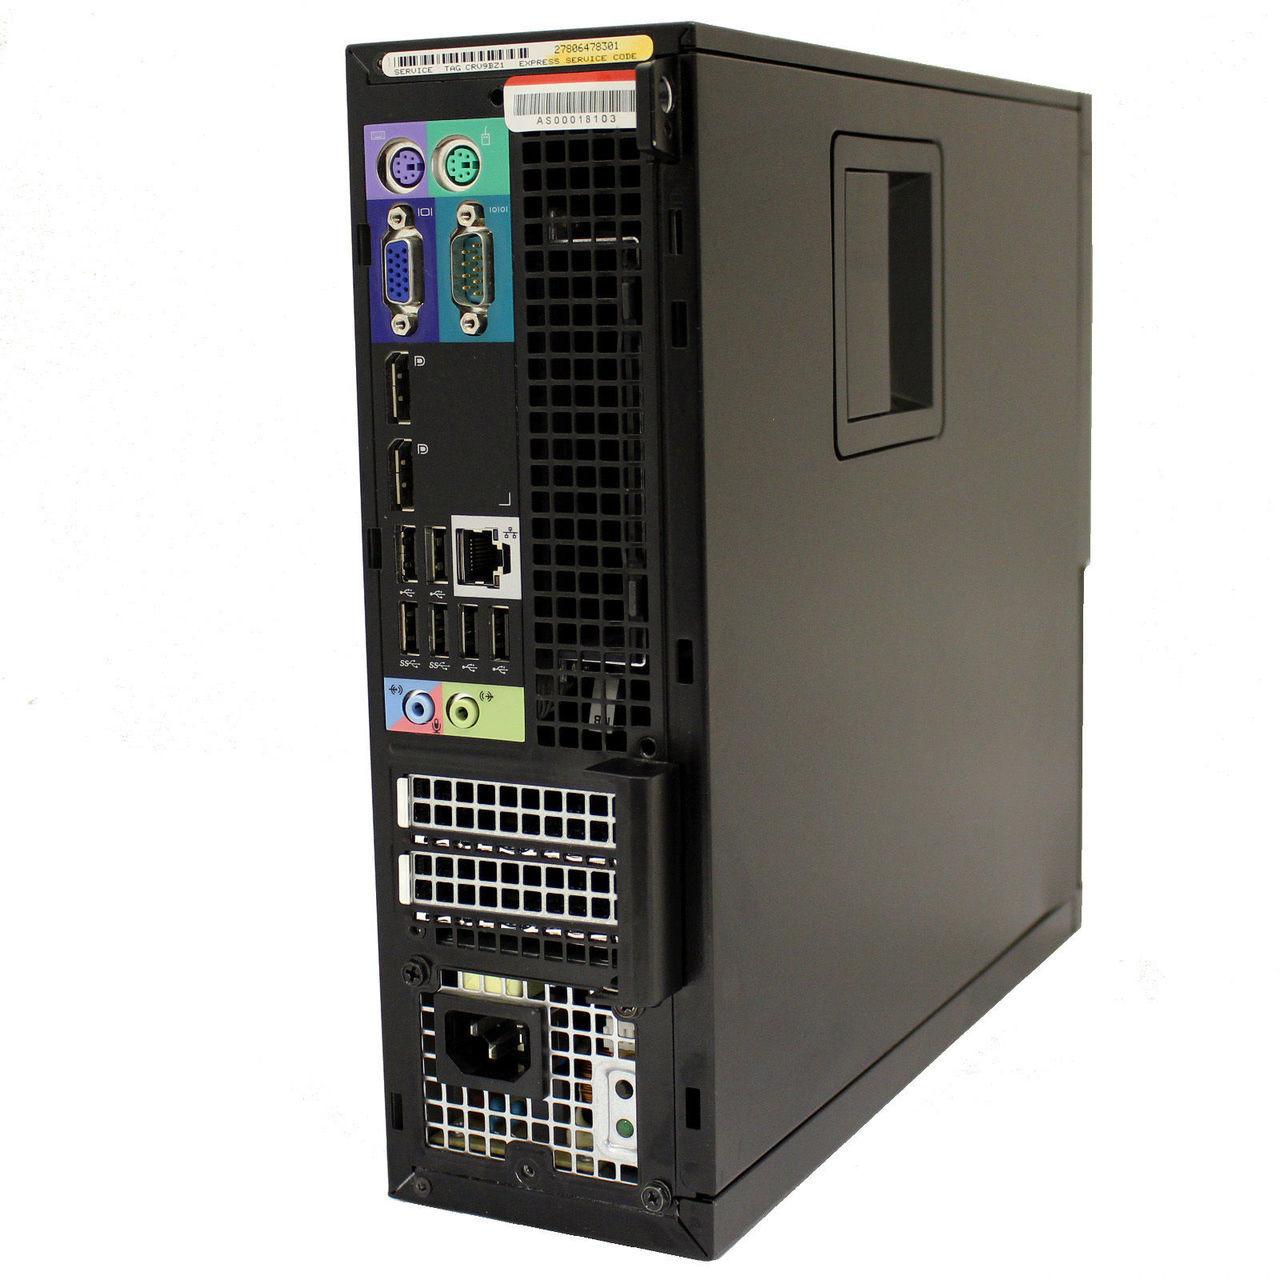 Dell OptiPlex 9010 Broadcom LAN Driver Download